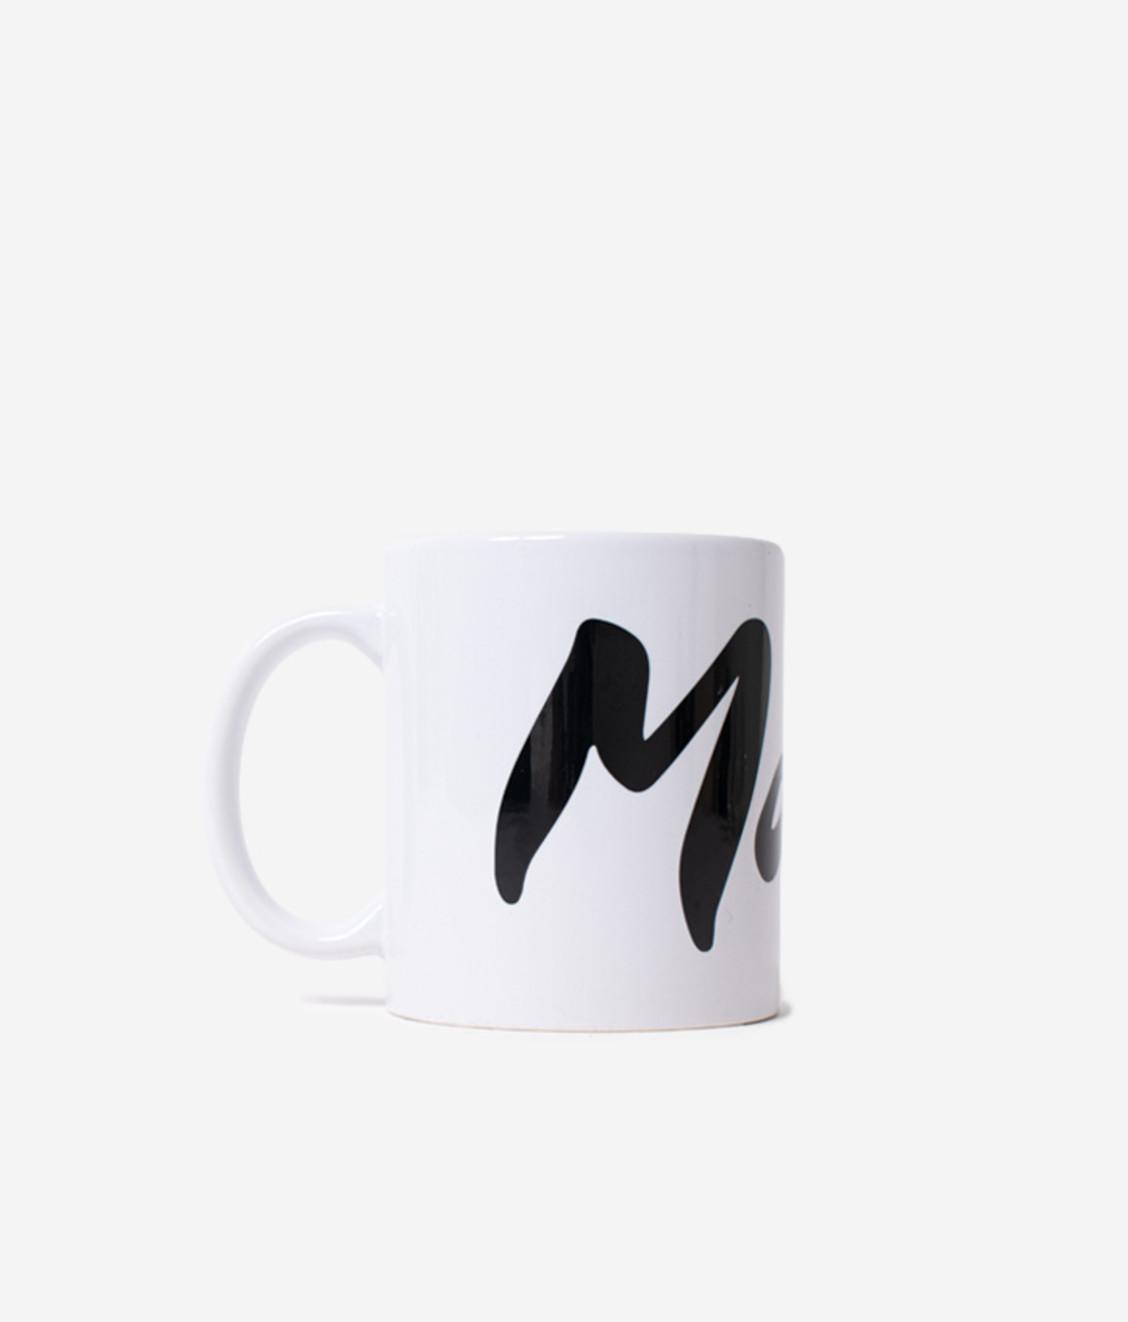 Maha Maha Logo Mug White Black